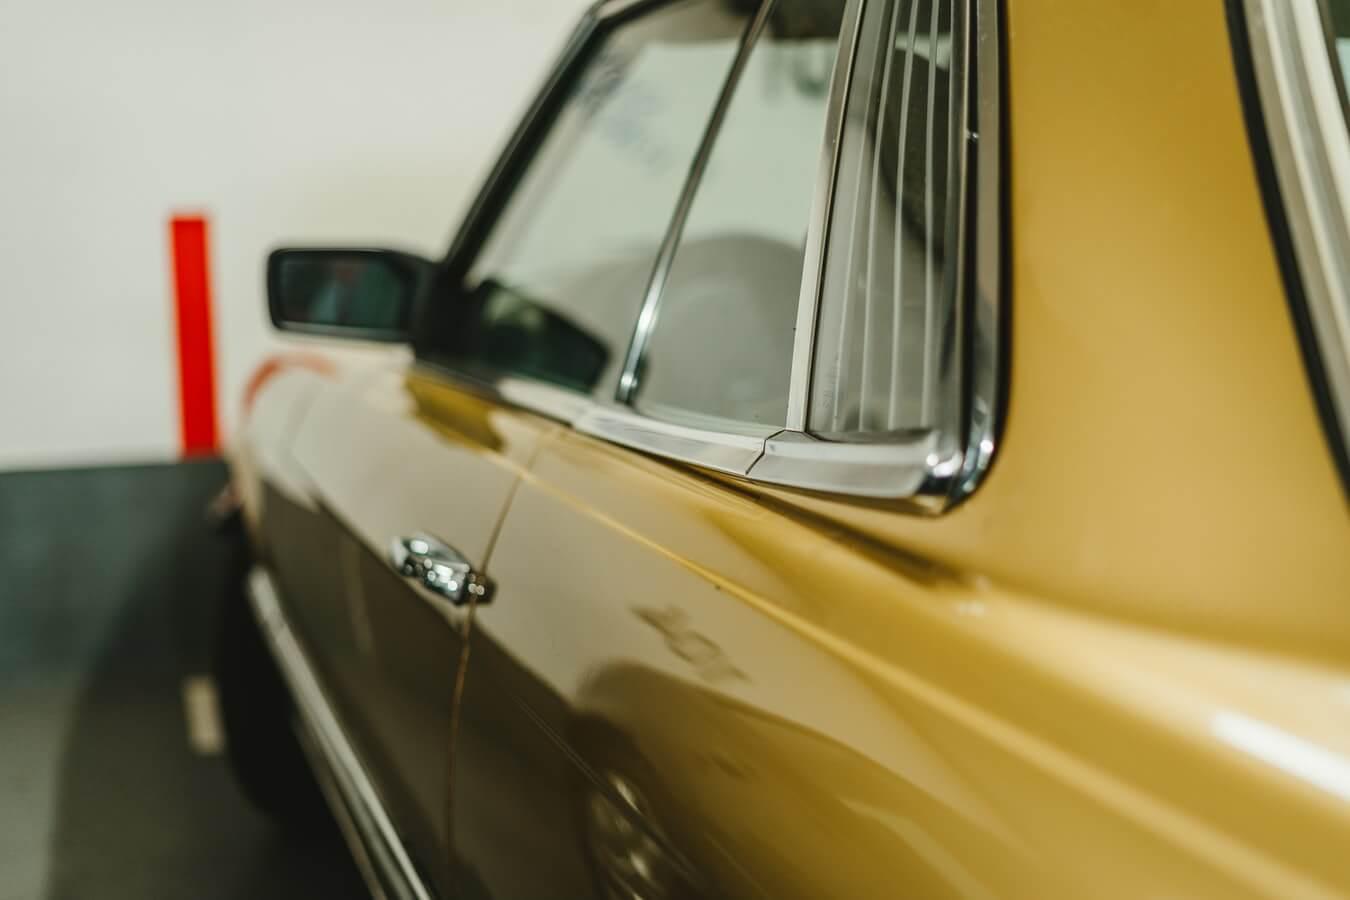 Carro de colecionador, reformado e com verniz brilhando